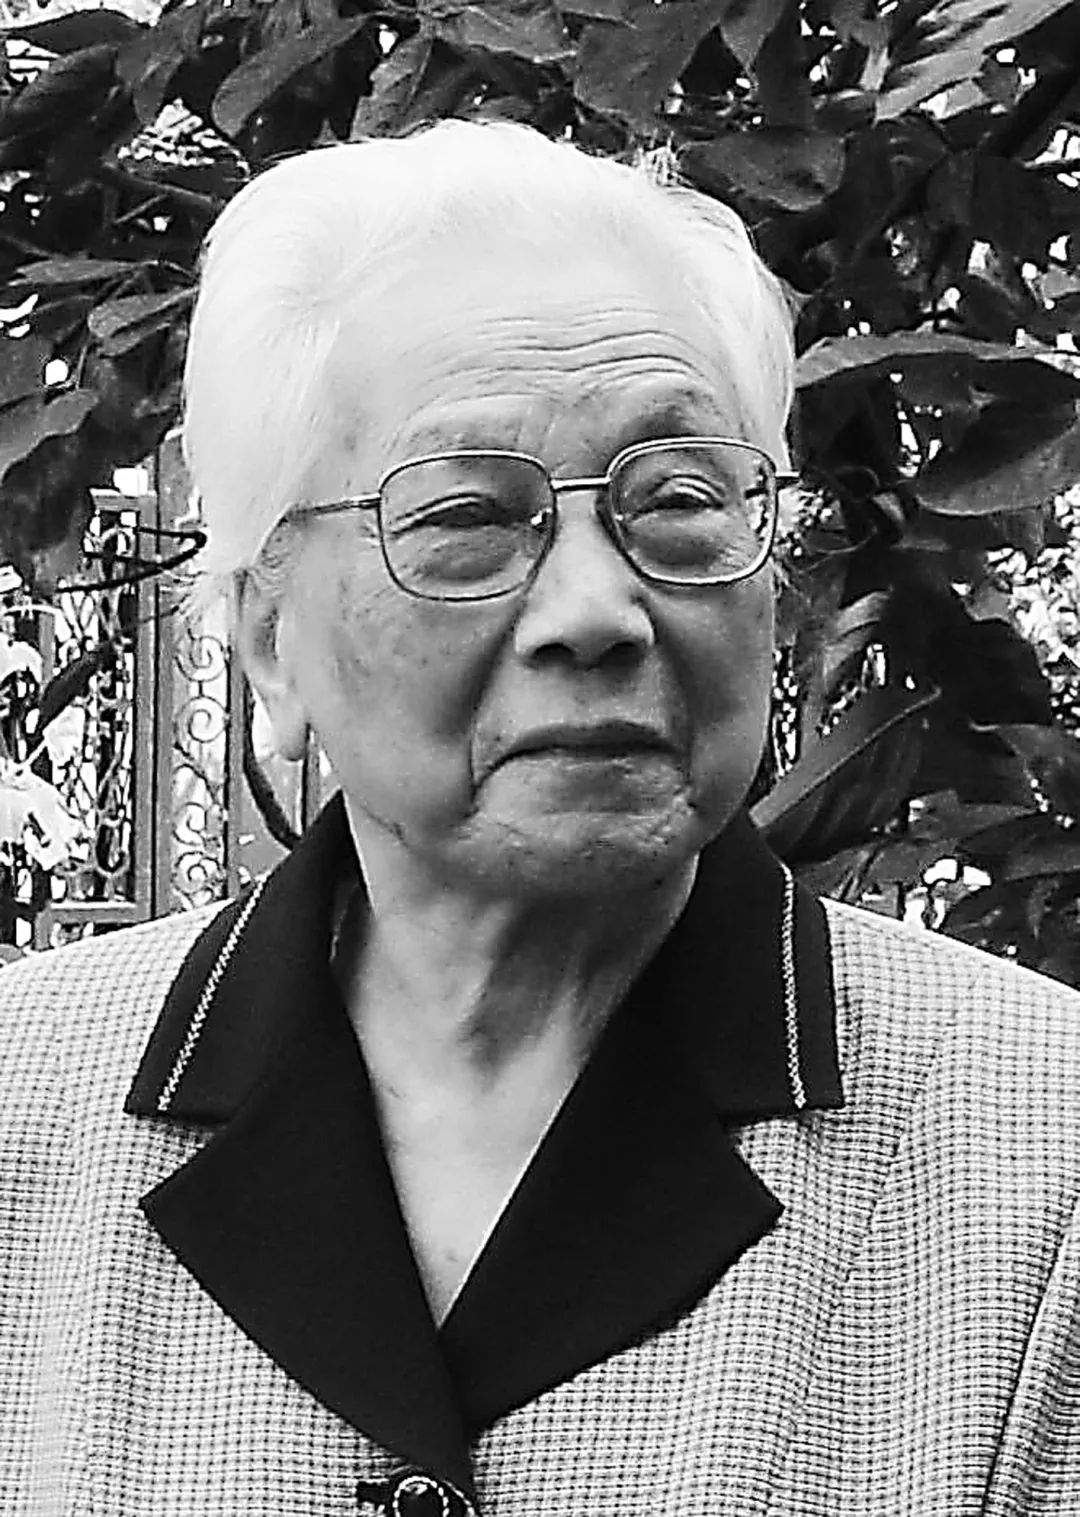 安徽省人大常委会原副主任应宜权逝世图片